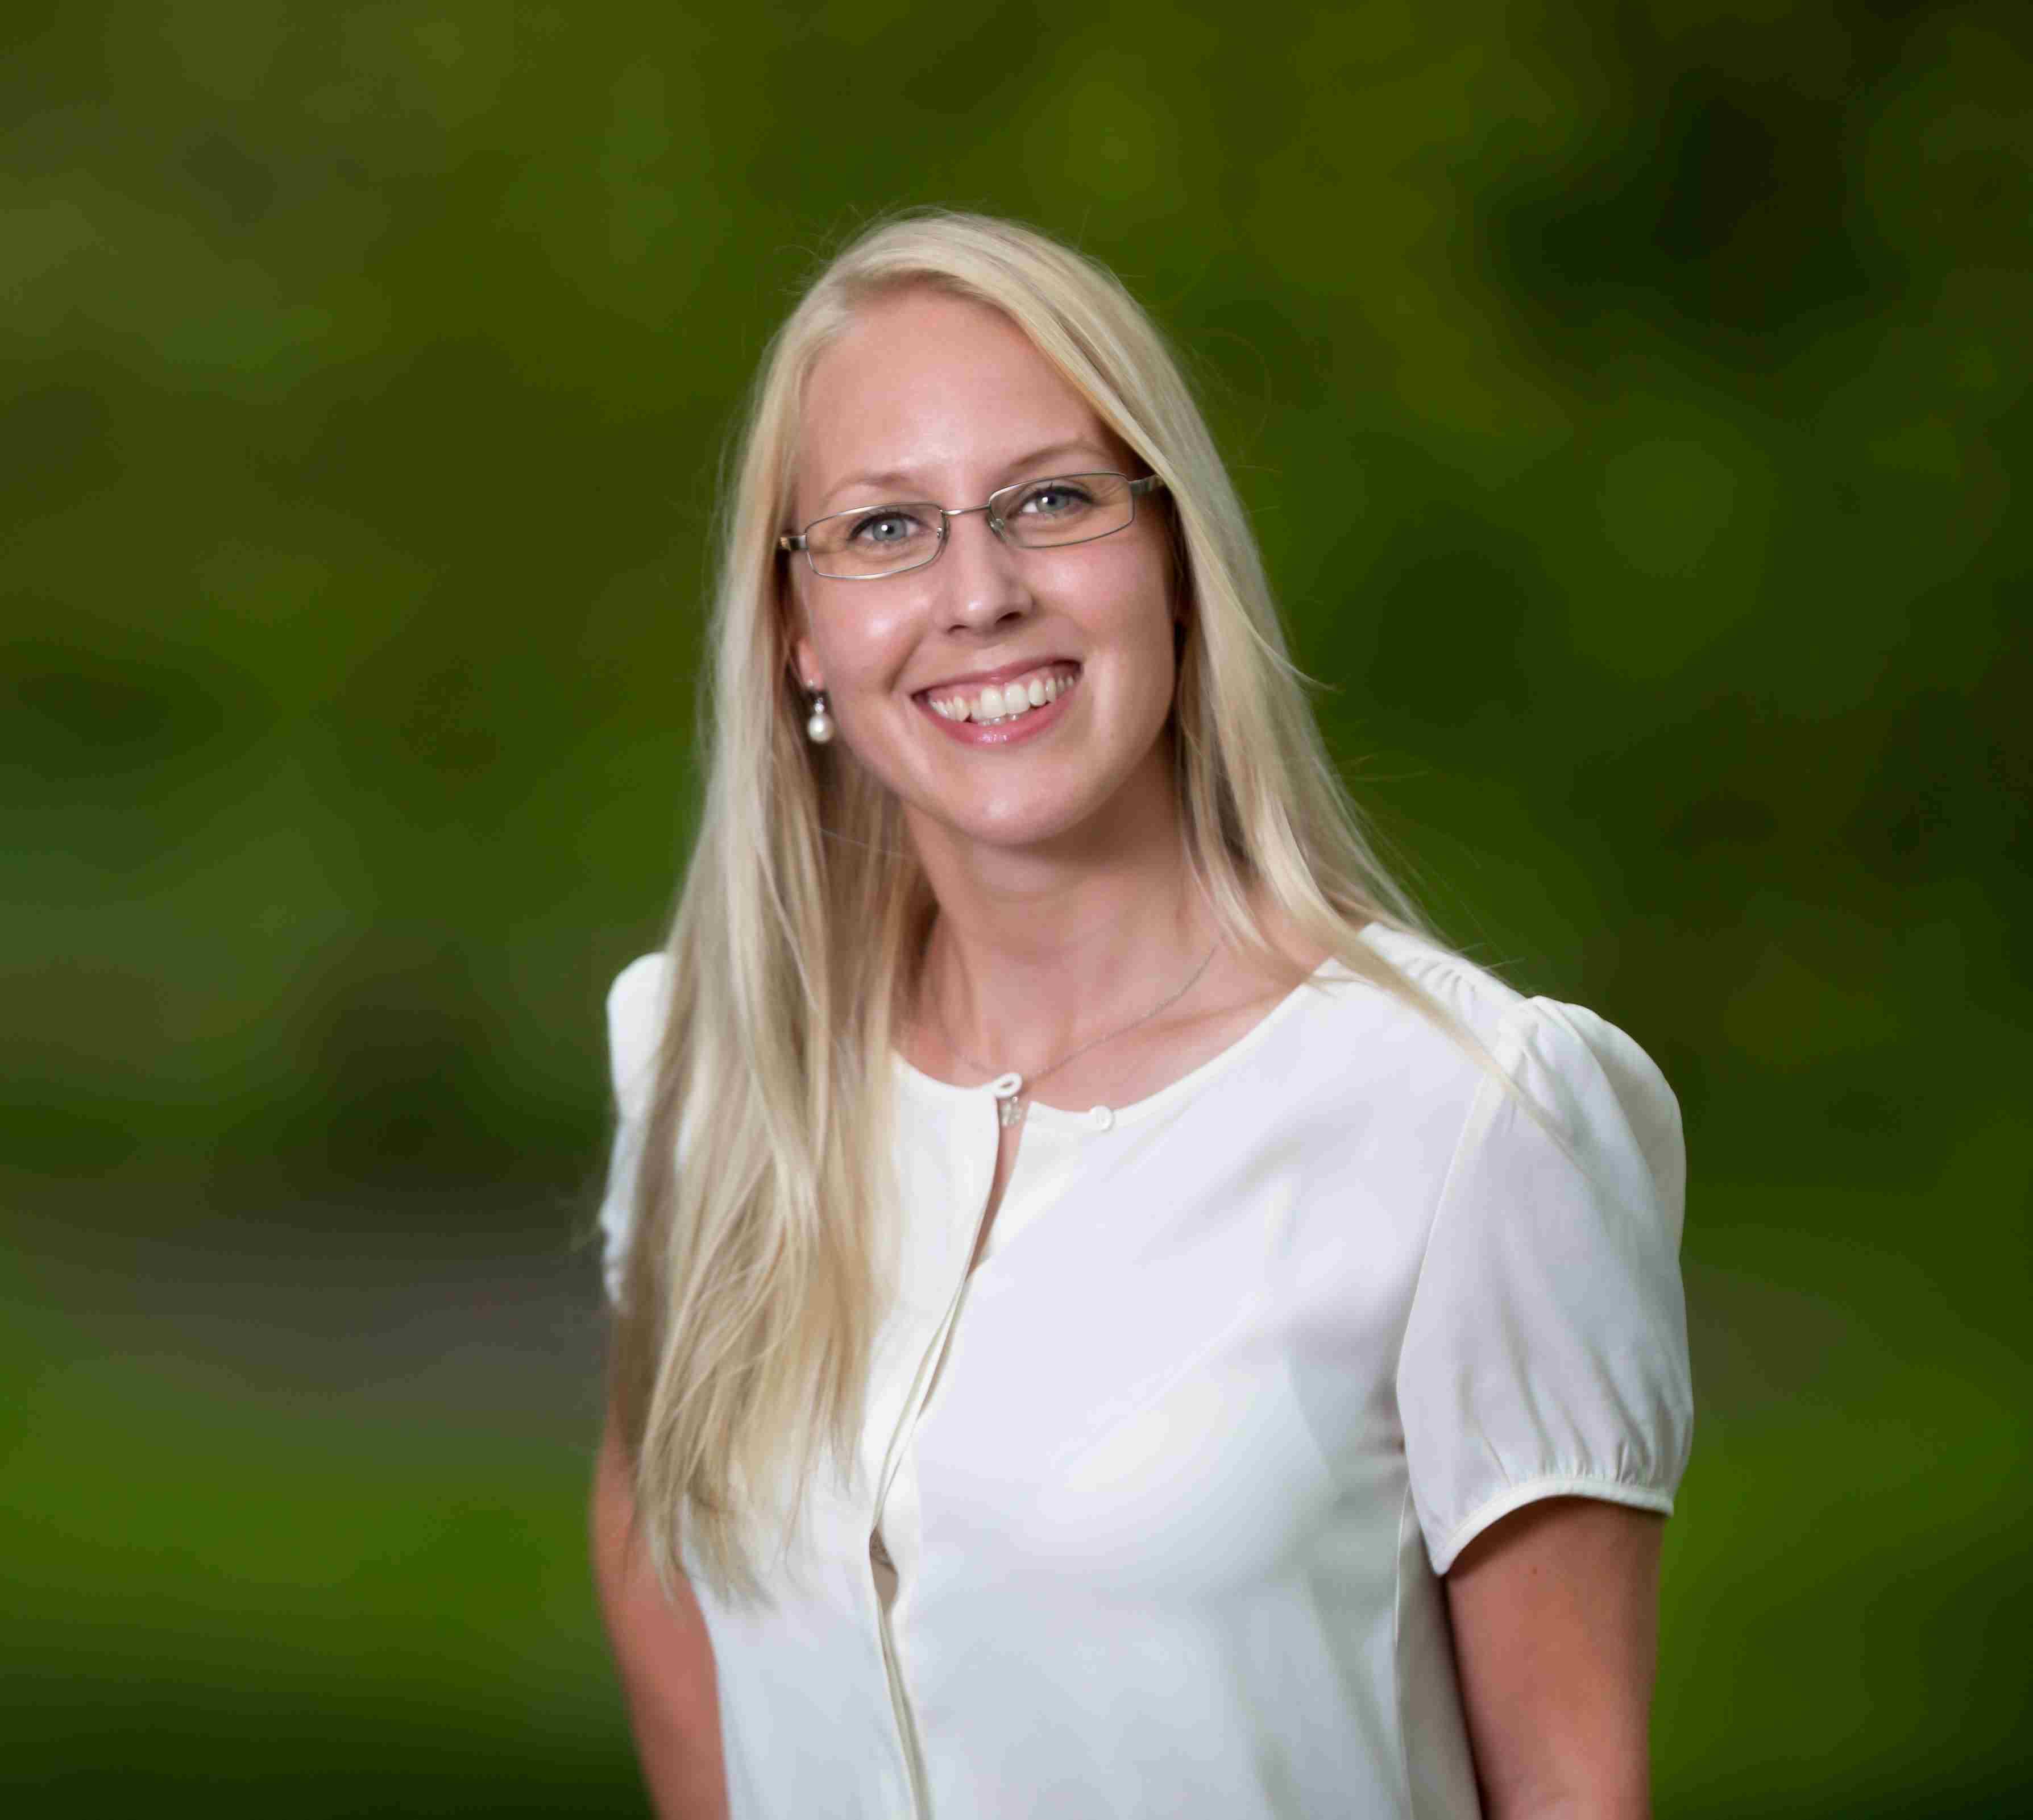 Tanja Jordan Bjerggaard